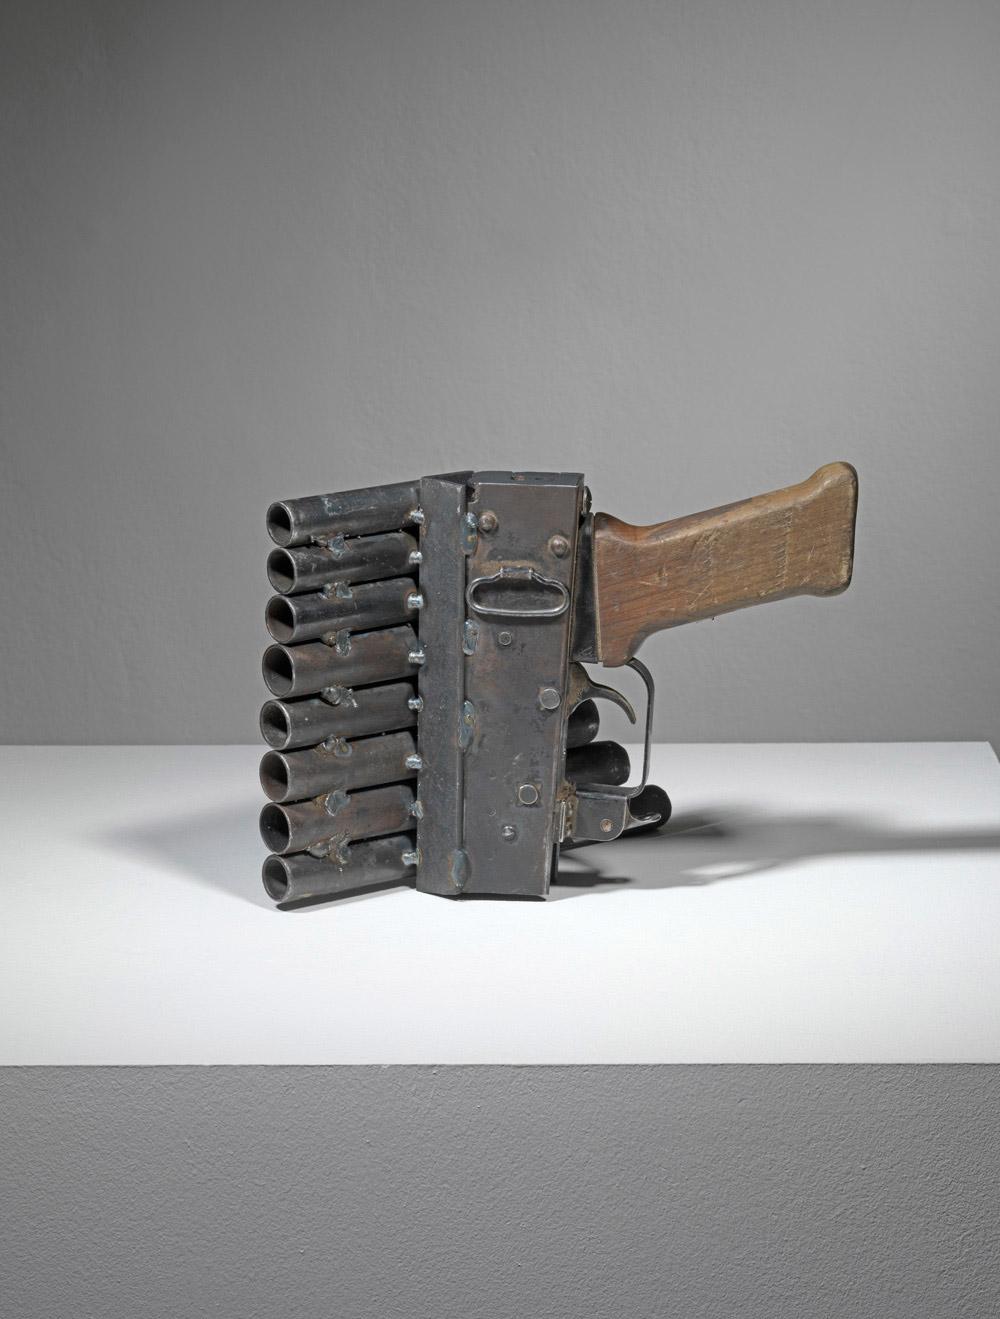 pedro-reyes-imagine-guns-09